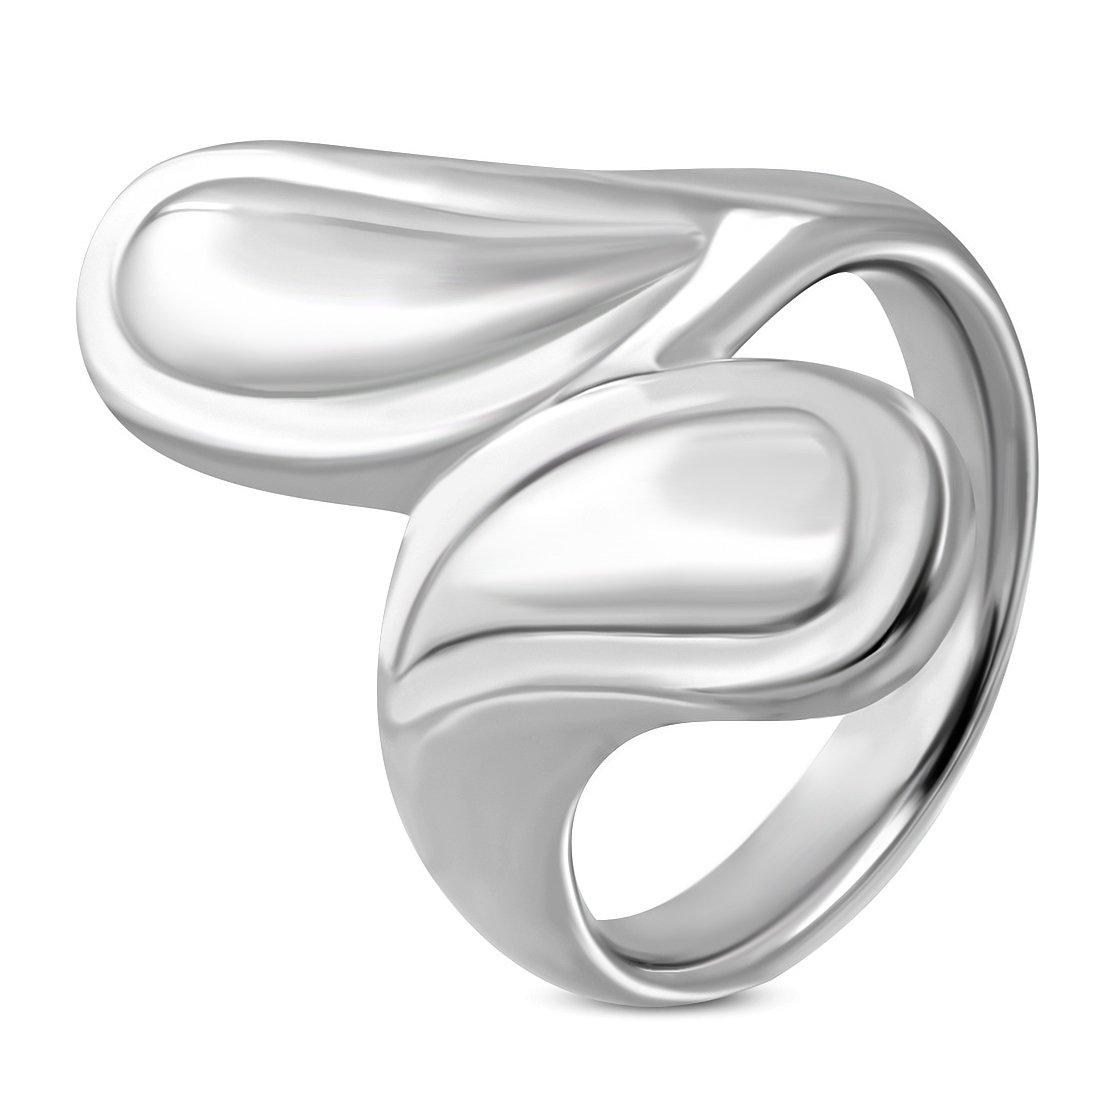 Stainless Steel Teardrop Bypass Fancy Ring